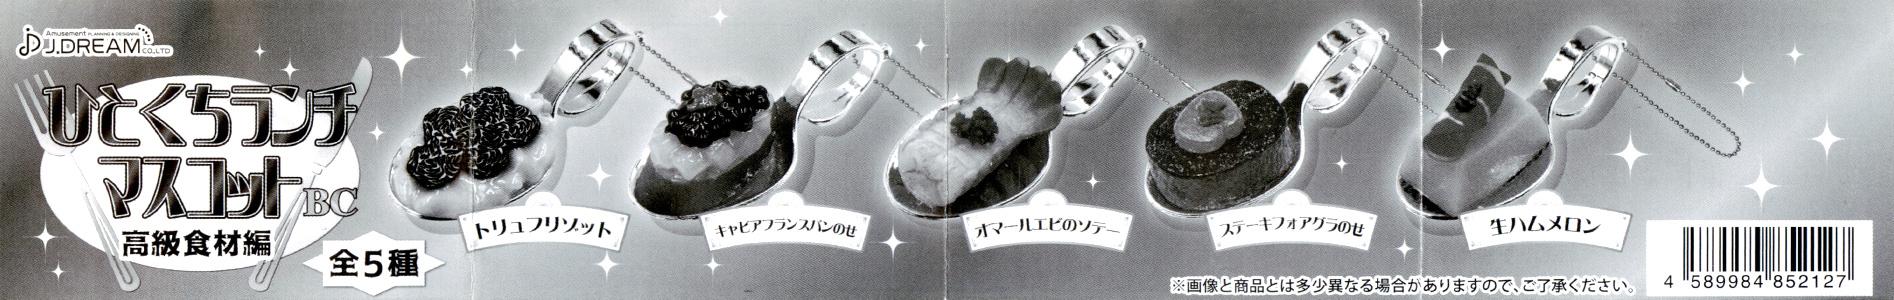 ひとくちランチマスコットBC 高級食材編 [J.ドリーム]